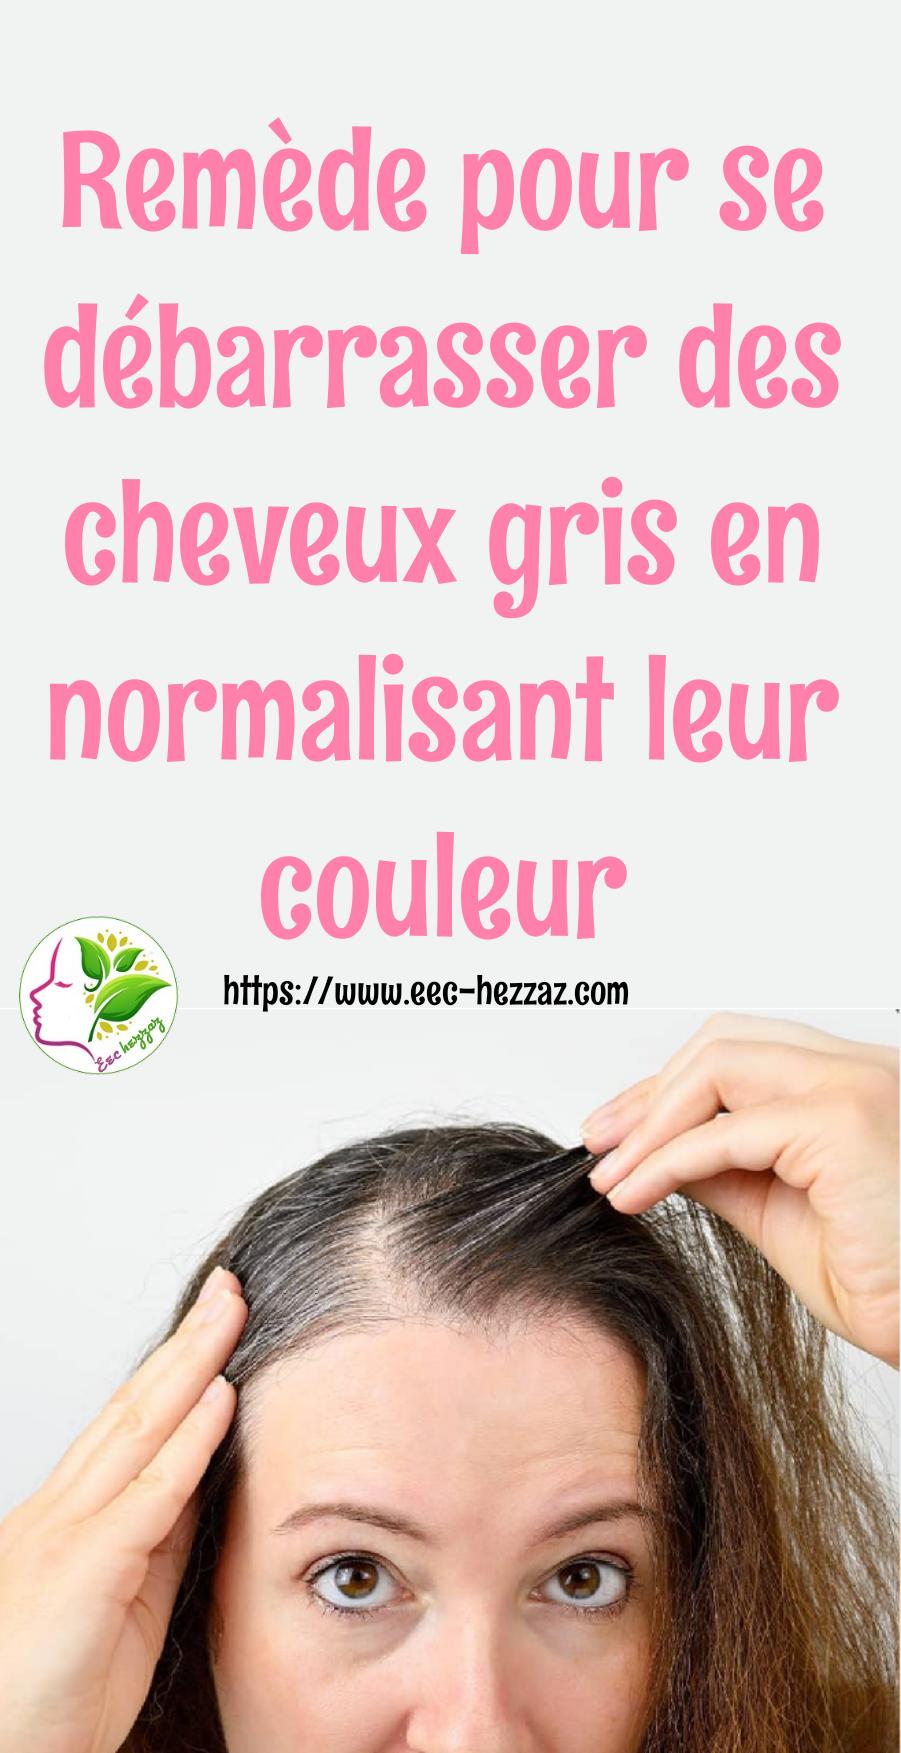 Remède pour se débarrasser des cheveux gris en normalisant leur couleur